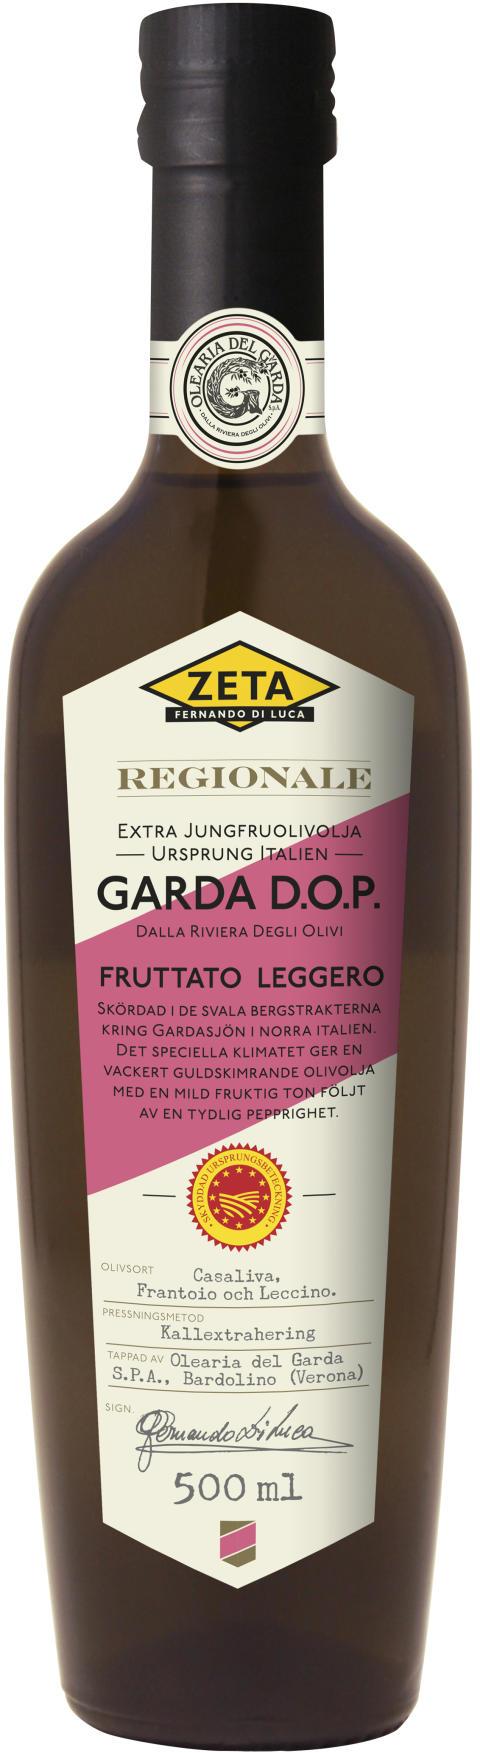 Guldskimrande olivolja från Gardasjön